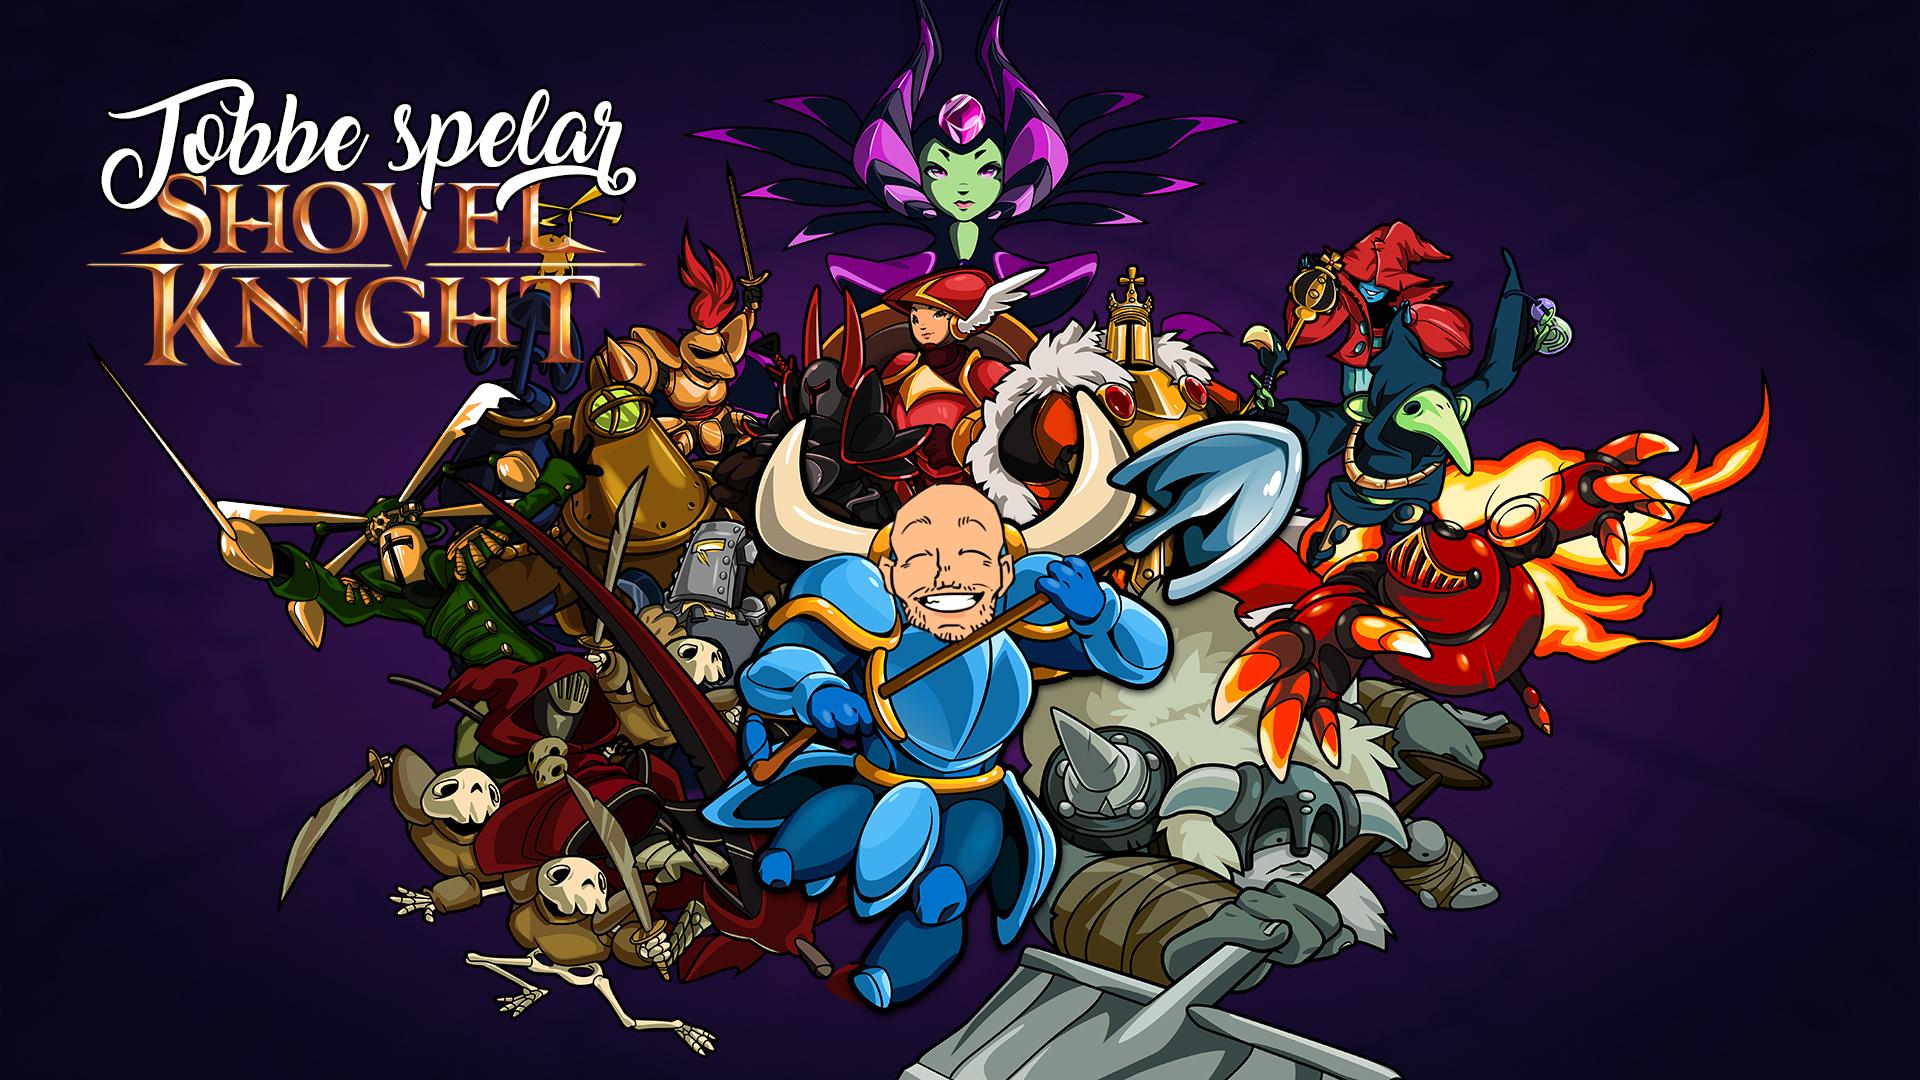 Tobbe spelar Shovel Knight